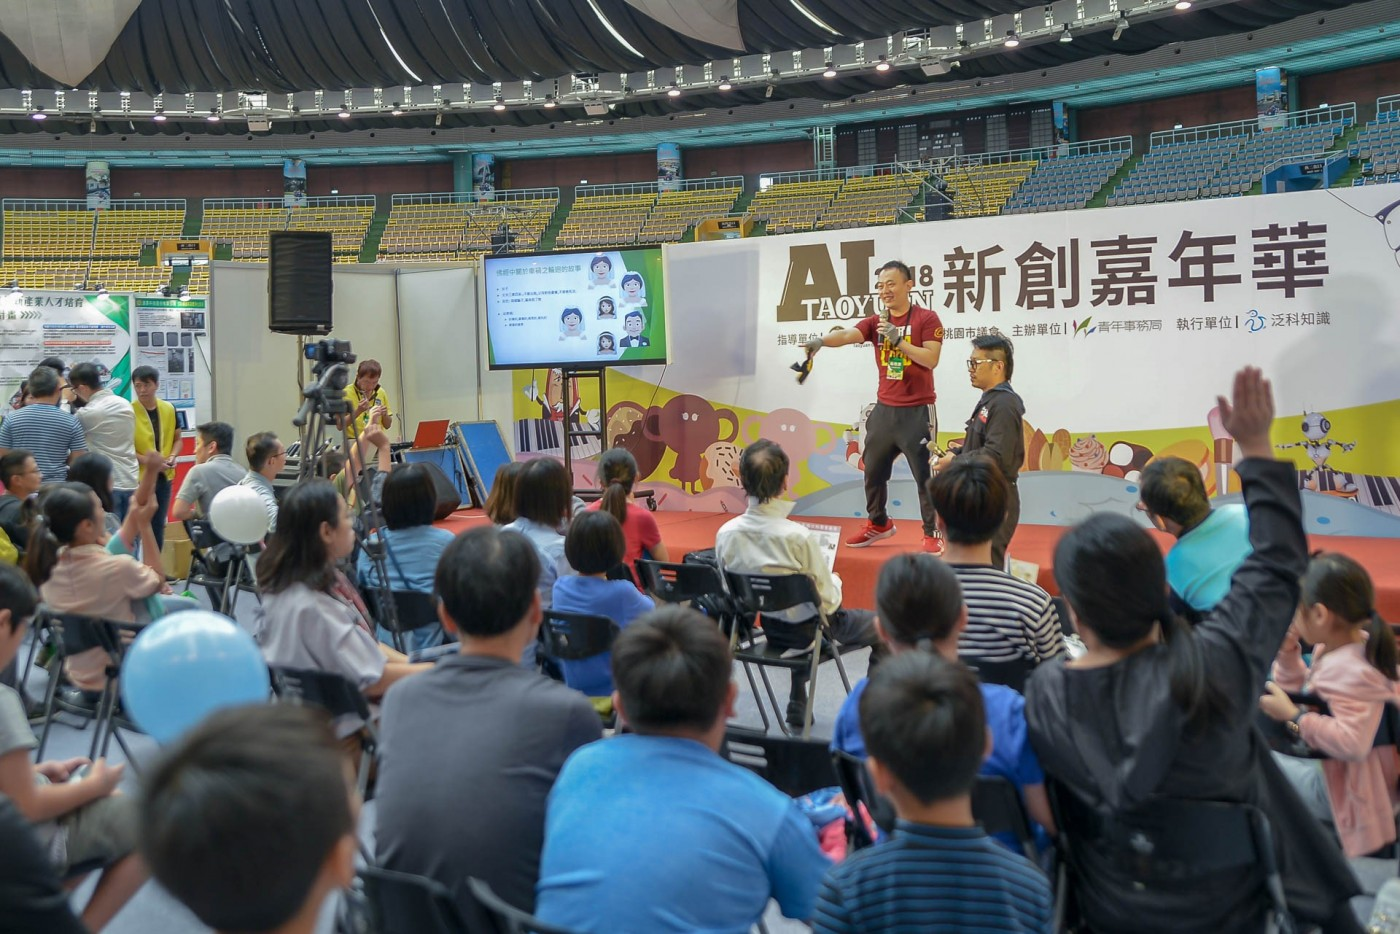 萬人參加!桃園新創嘉年華x最大機器人競賽